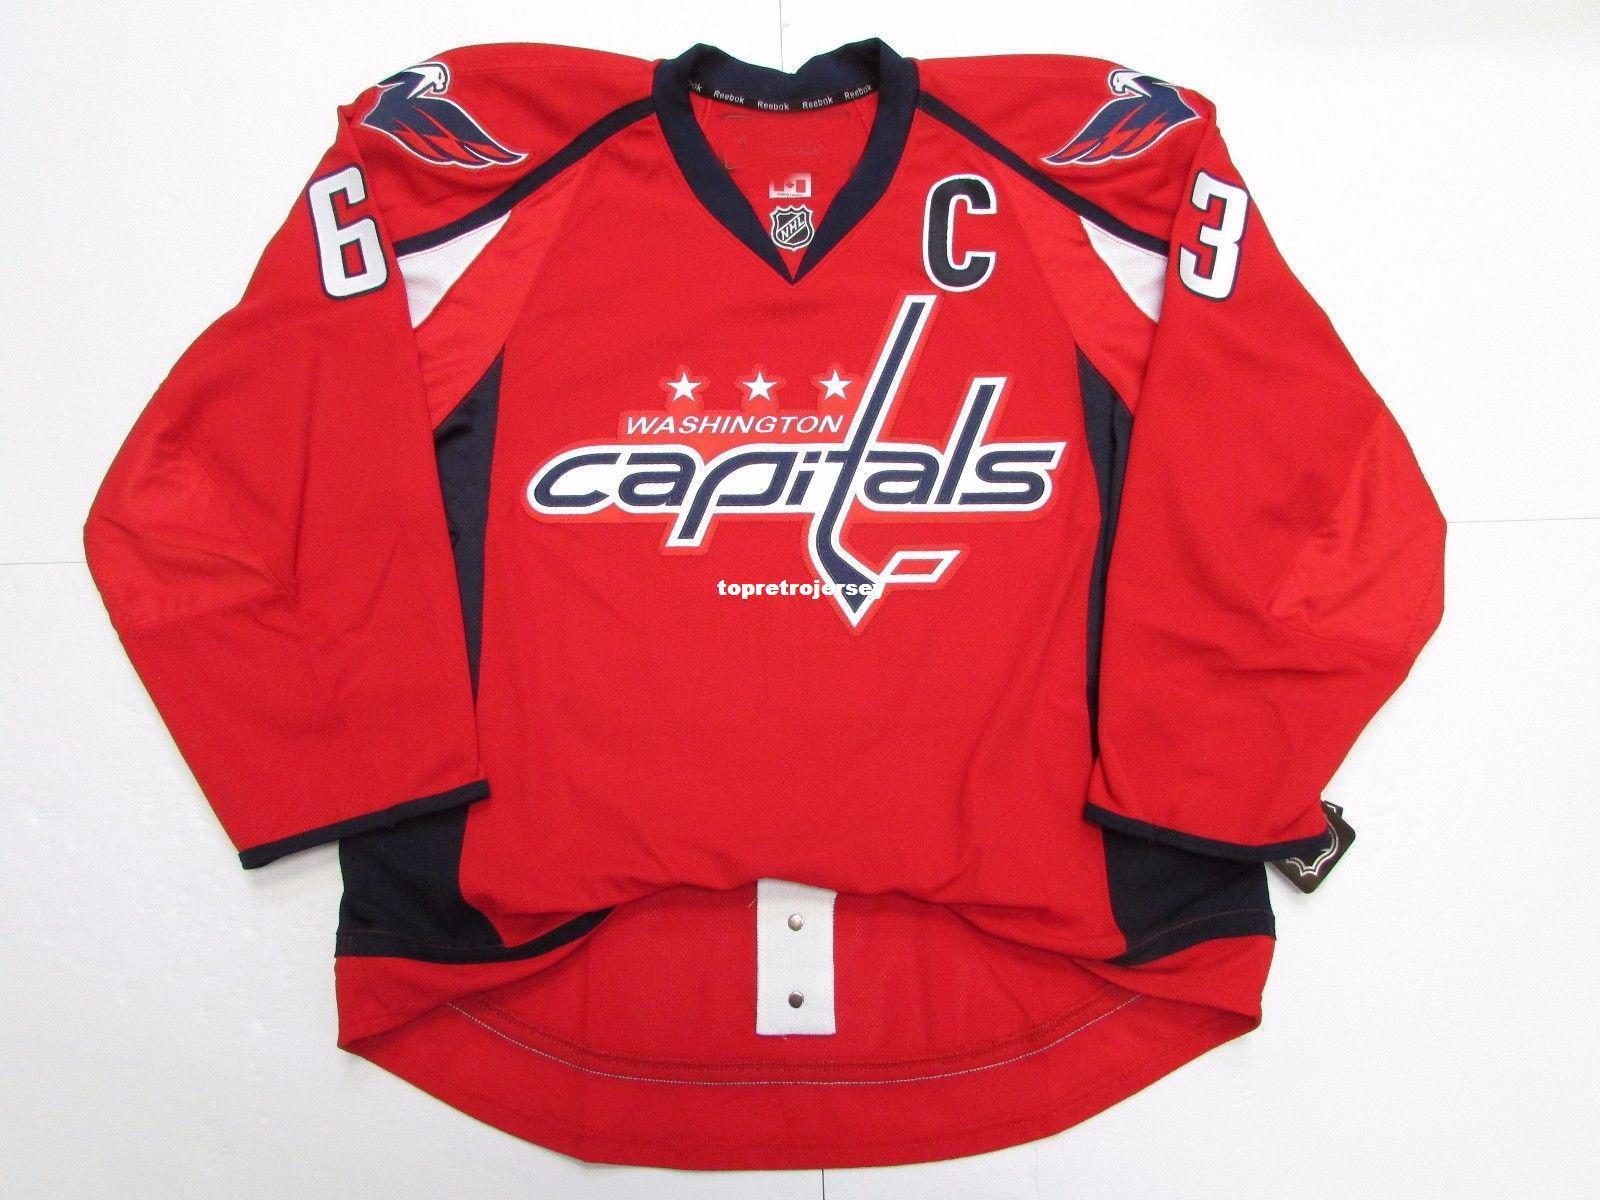 Pas cher coutume WASHINGTON CAPITALS MAISON MAILLOT stitch ajouter n'importe quel numéro n'importe quel nom jersey de hockey pour homme